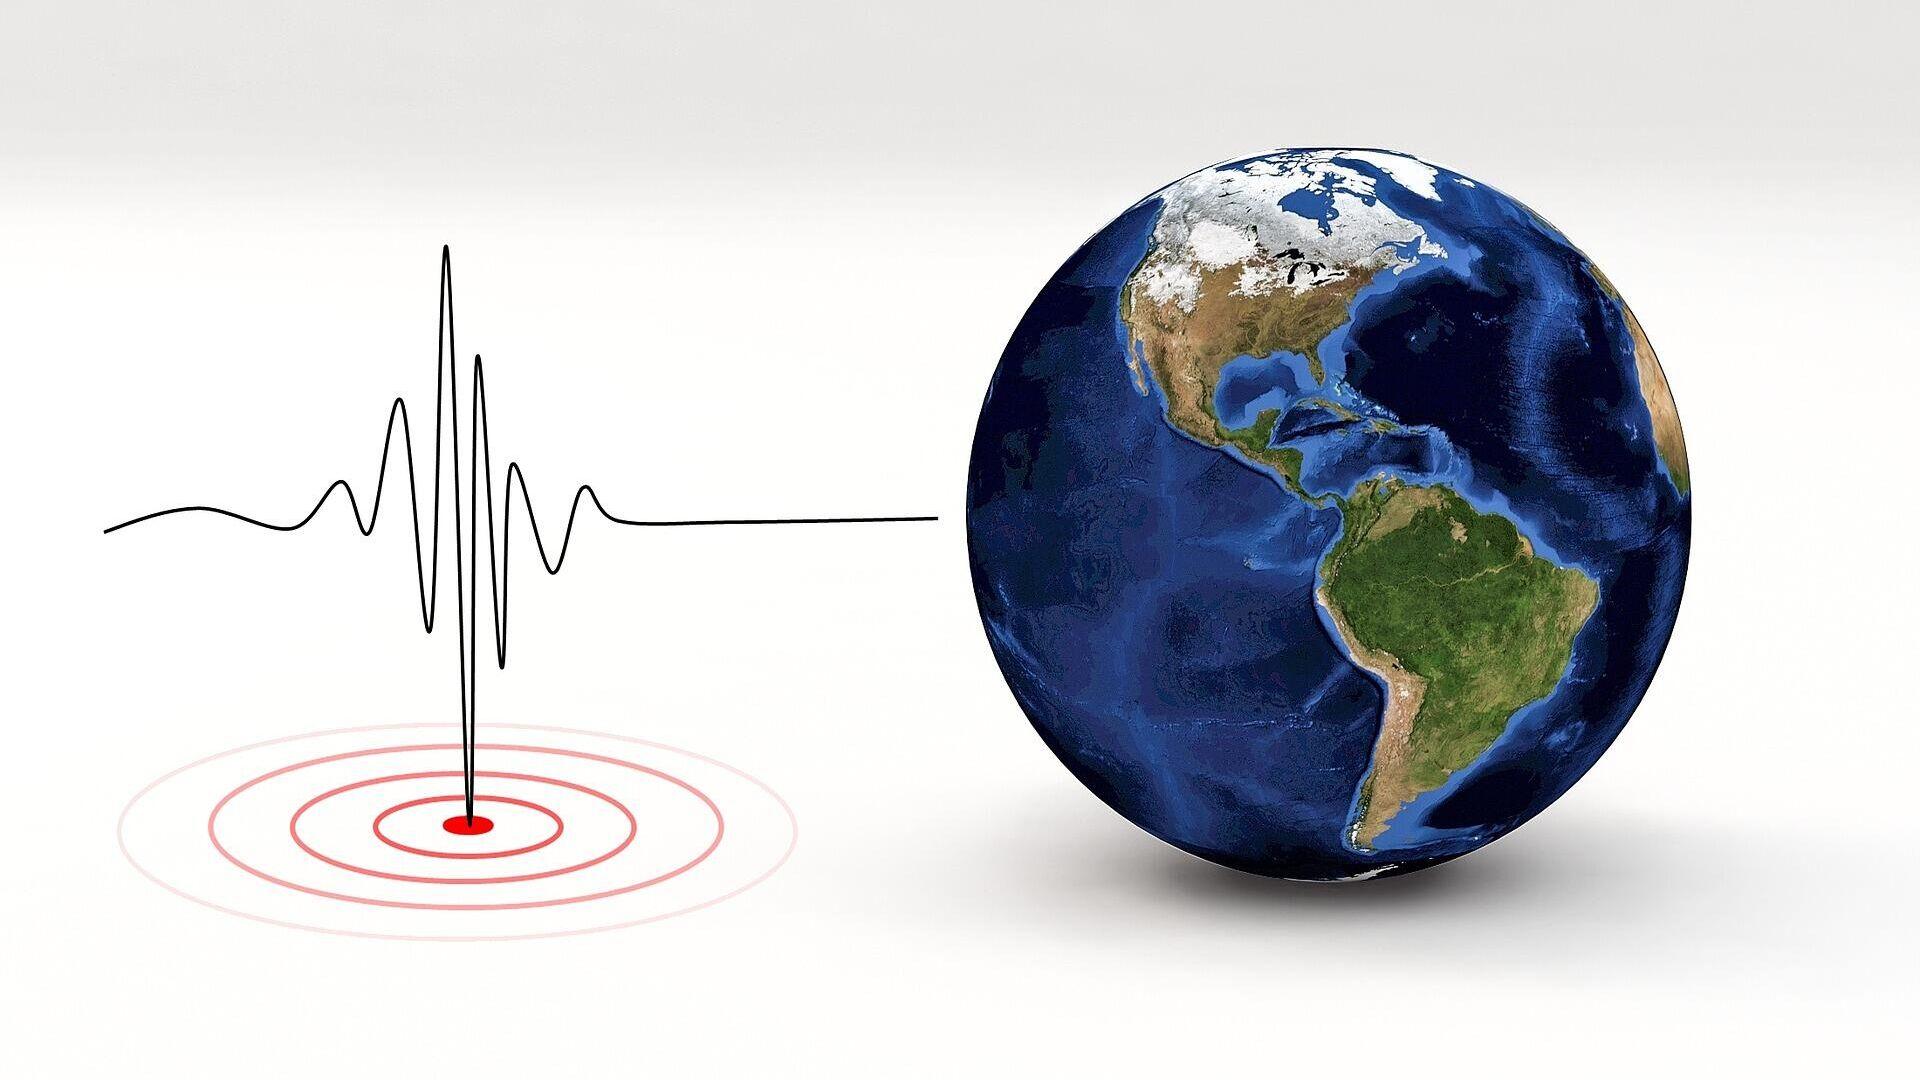 Terremotos y el mundo (imagen referencial) - Sputnik Mundo, 1920, 03.05.2021